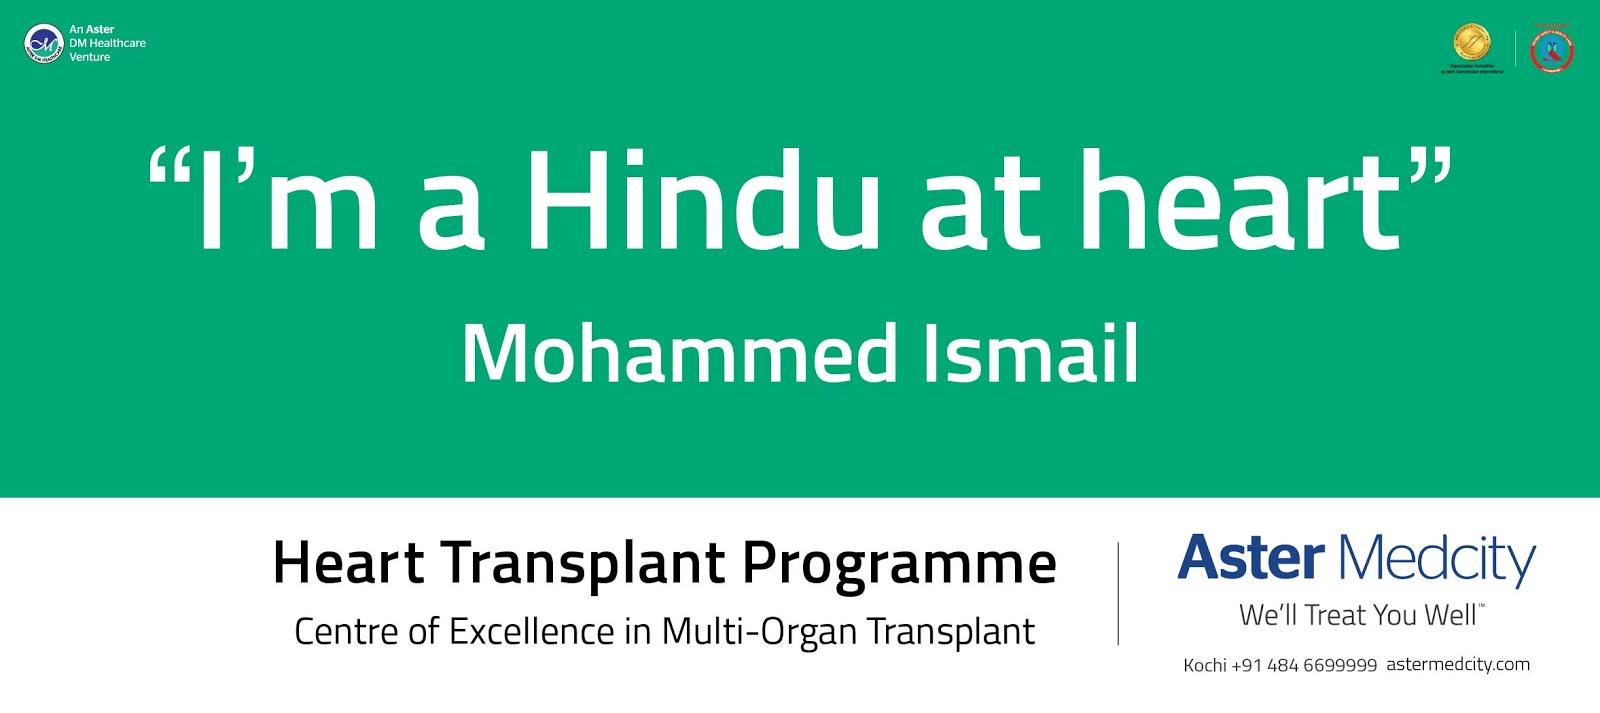 Aster Medcity - Multi Organ Transplant   Print mock-up 4   Stark Communications Pvt Ltd